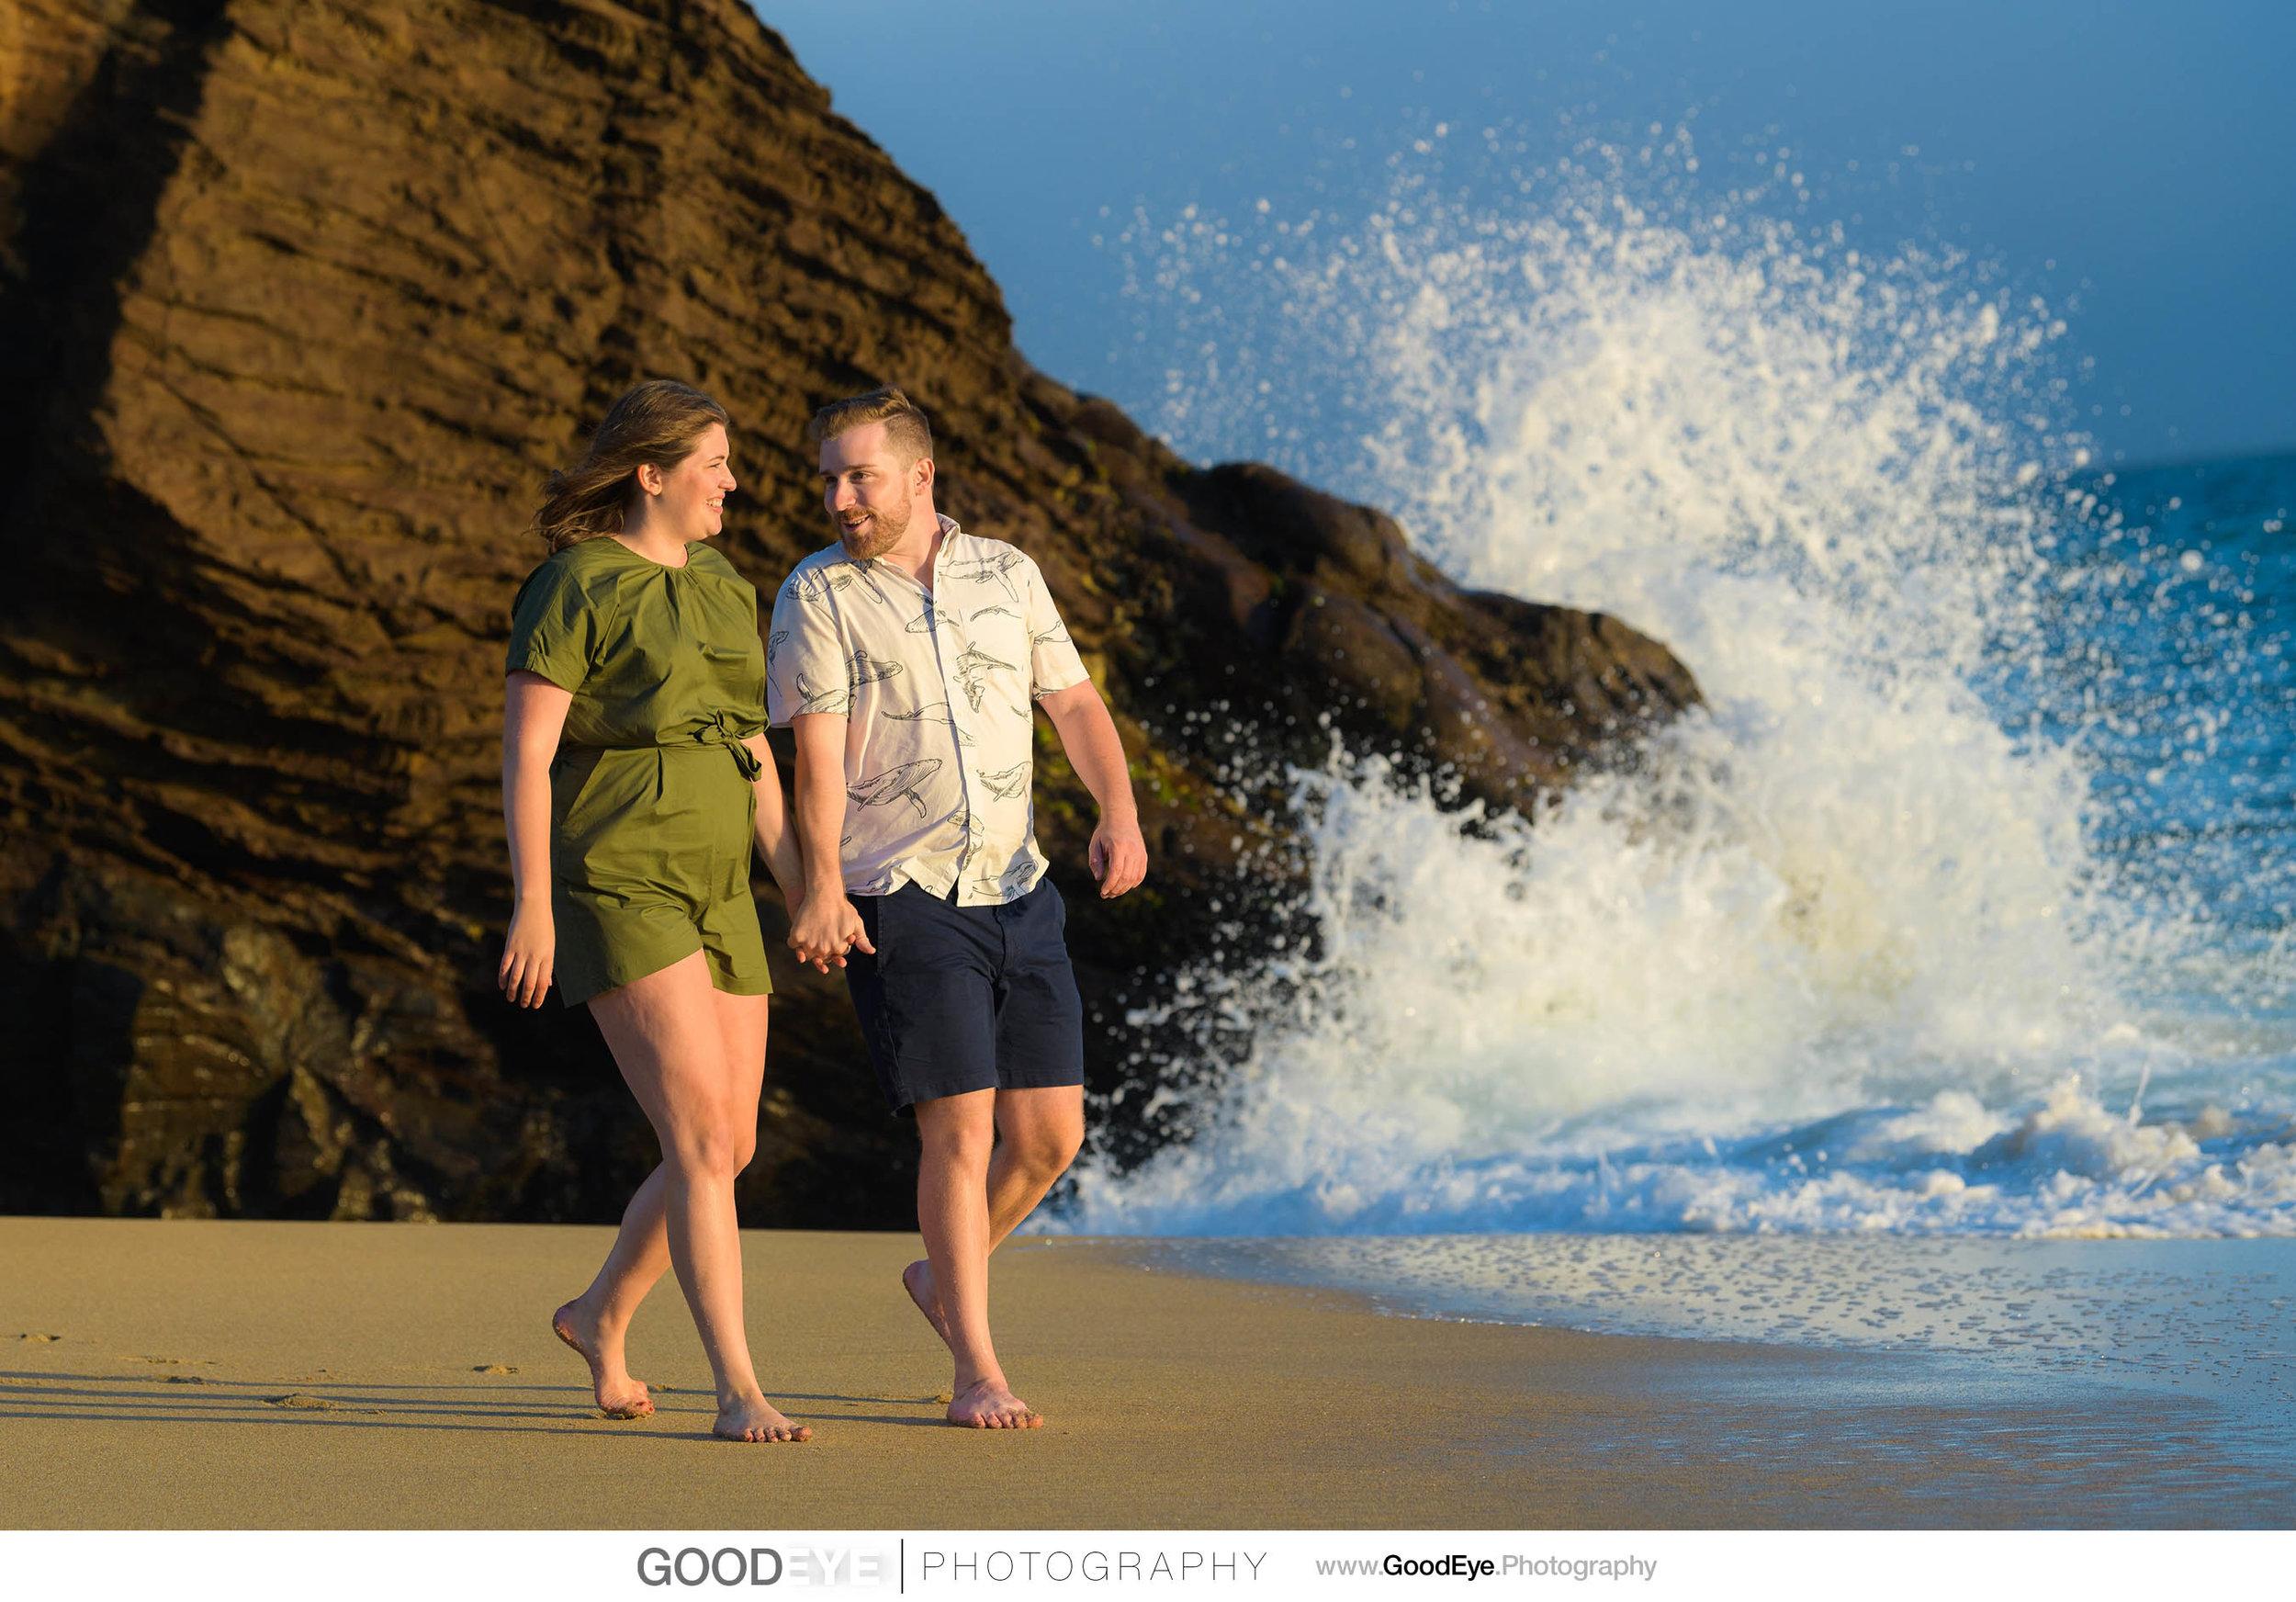 Panther Beach Santa Cruz engagement photos - Kate and Ryan - pho